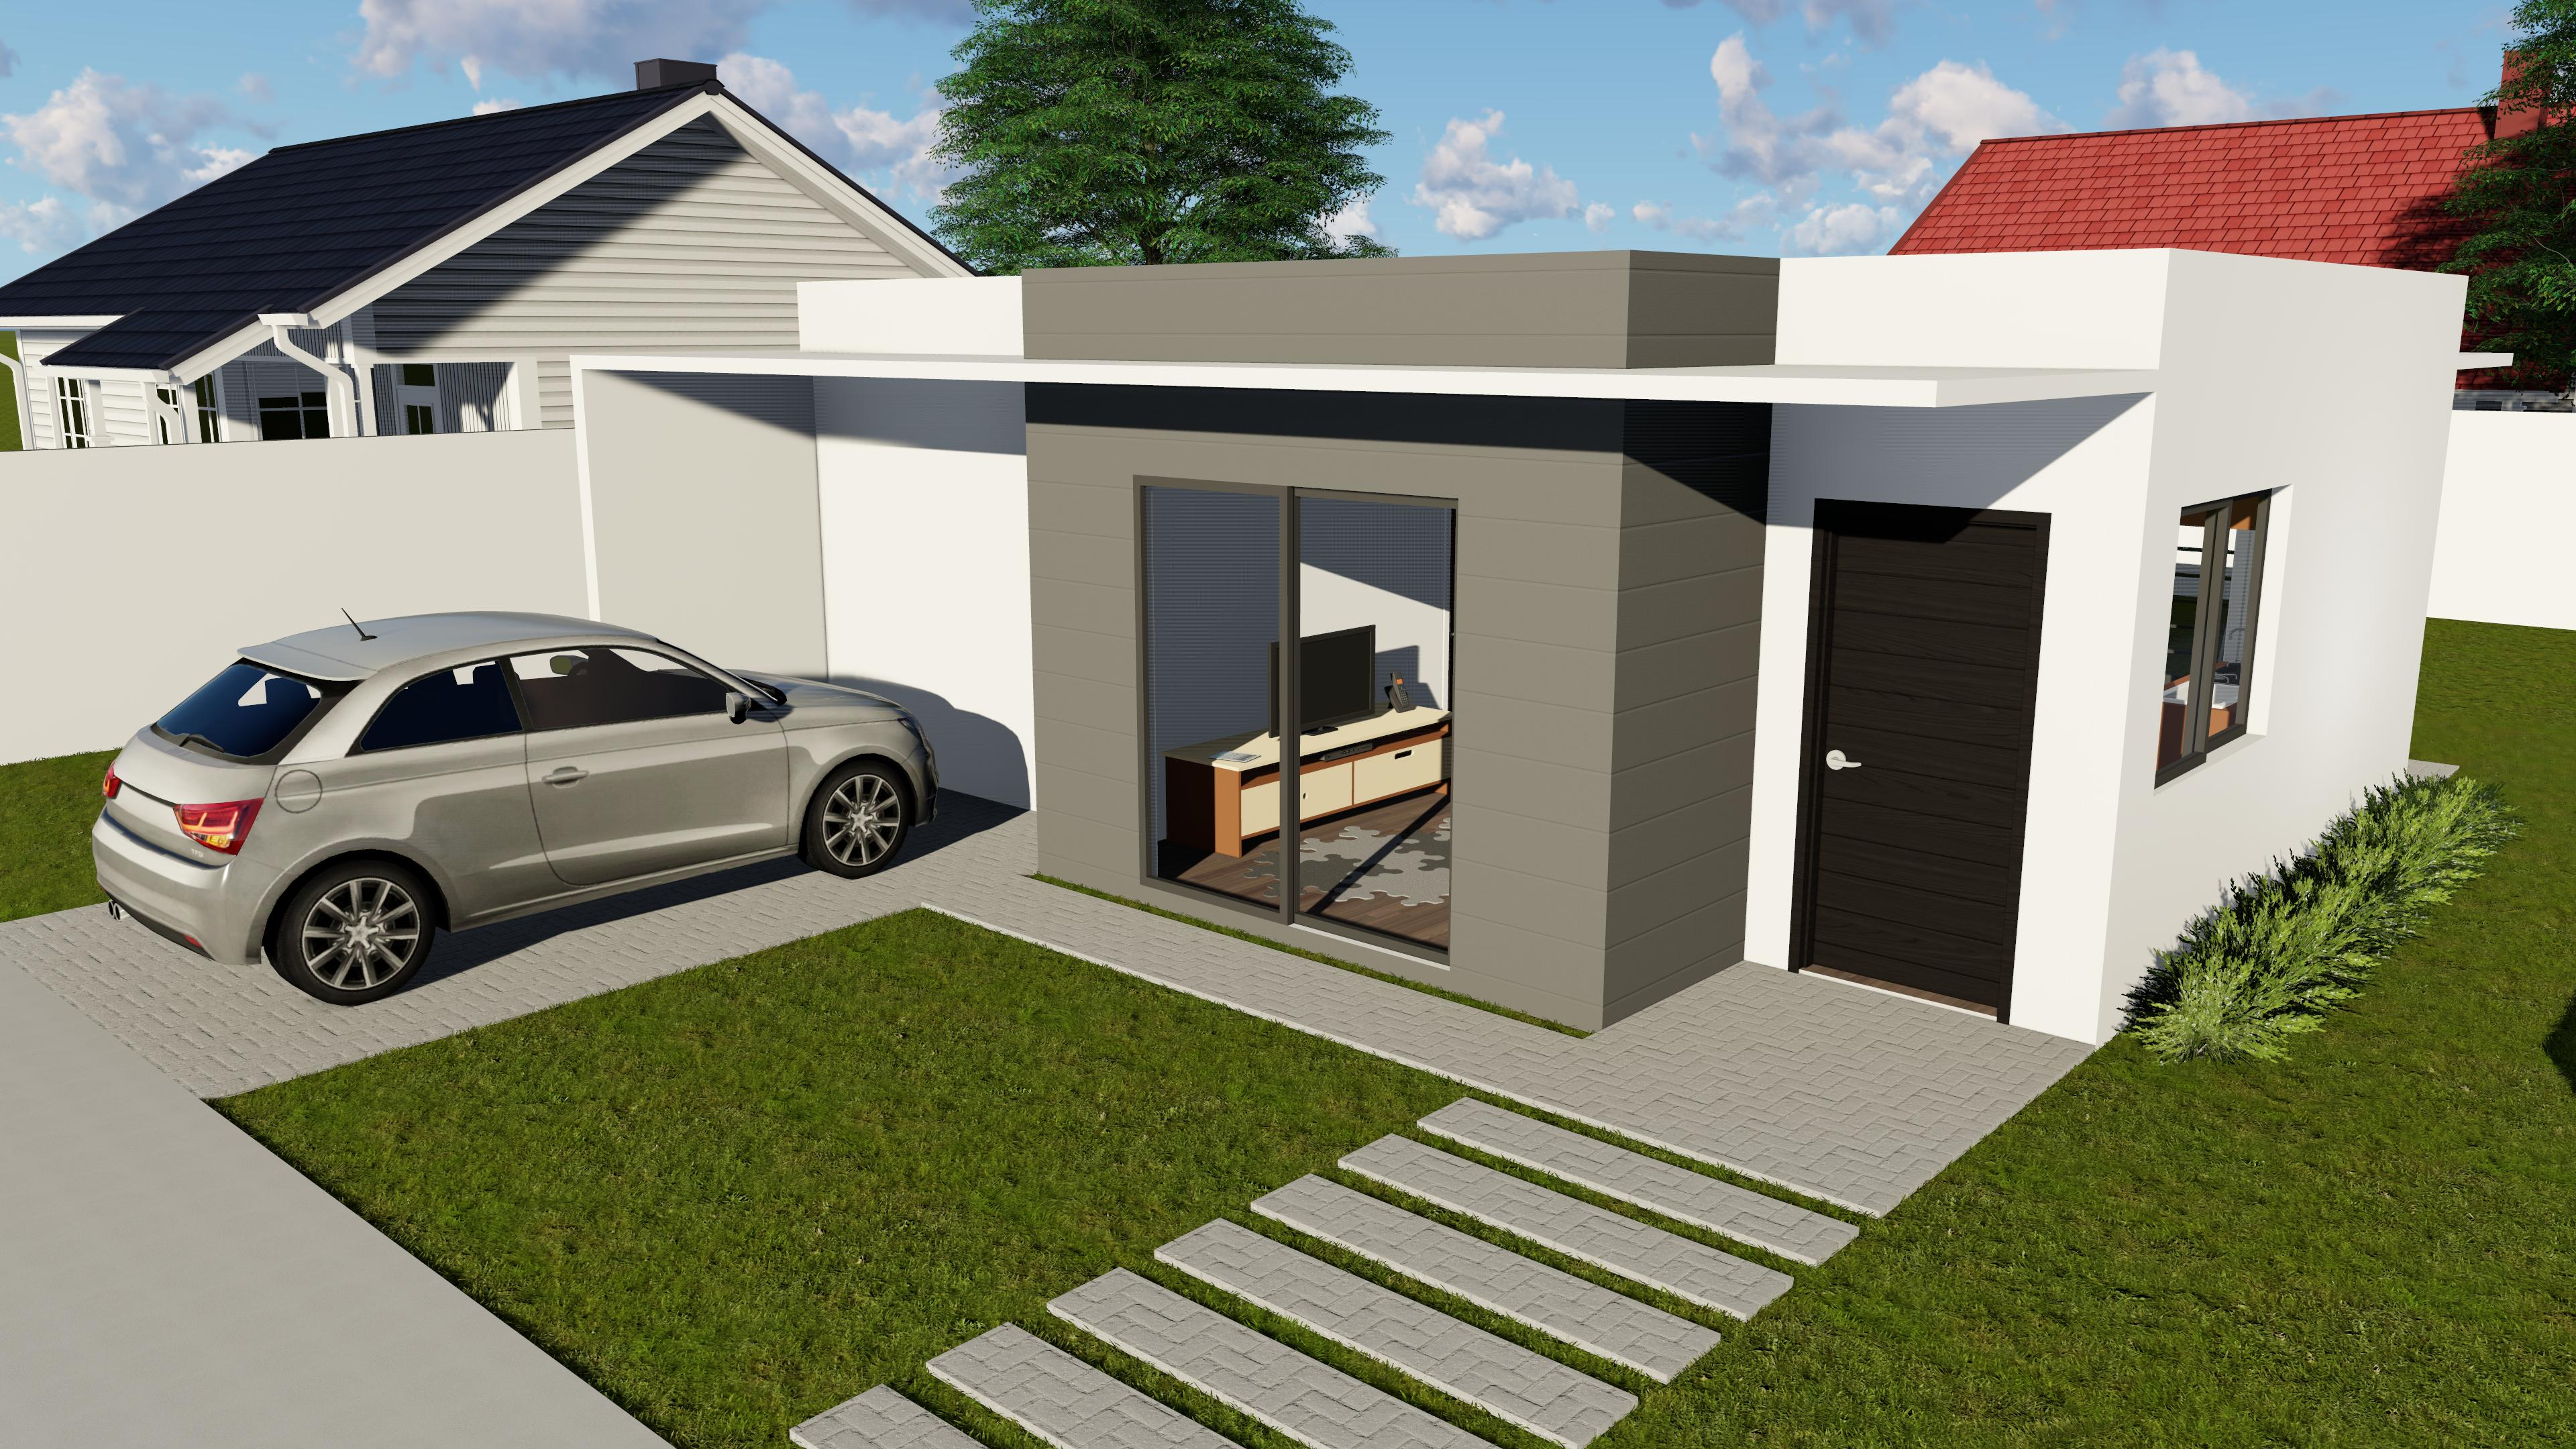 Casas steel frame modelos prontos sulm dulos sistemas for Modelos de casa para construccion